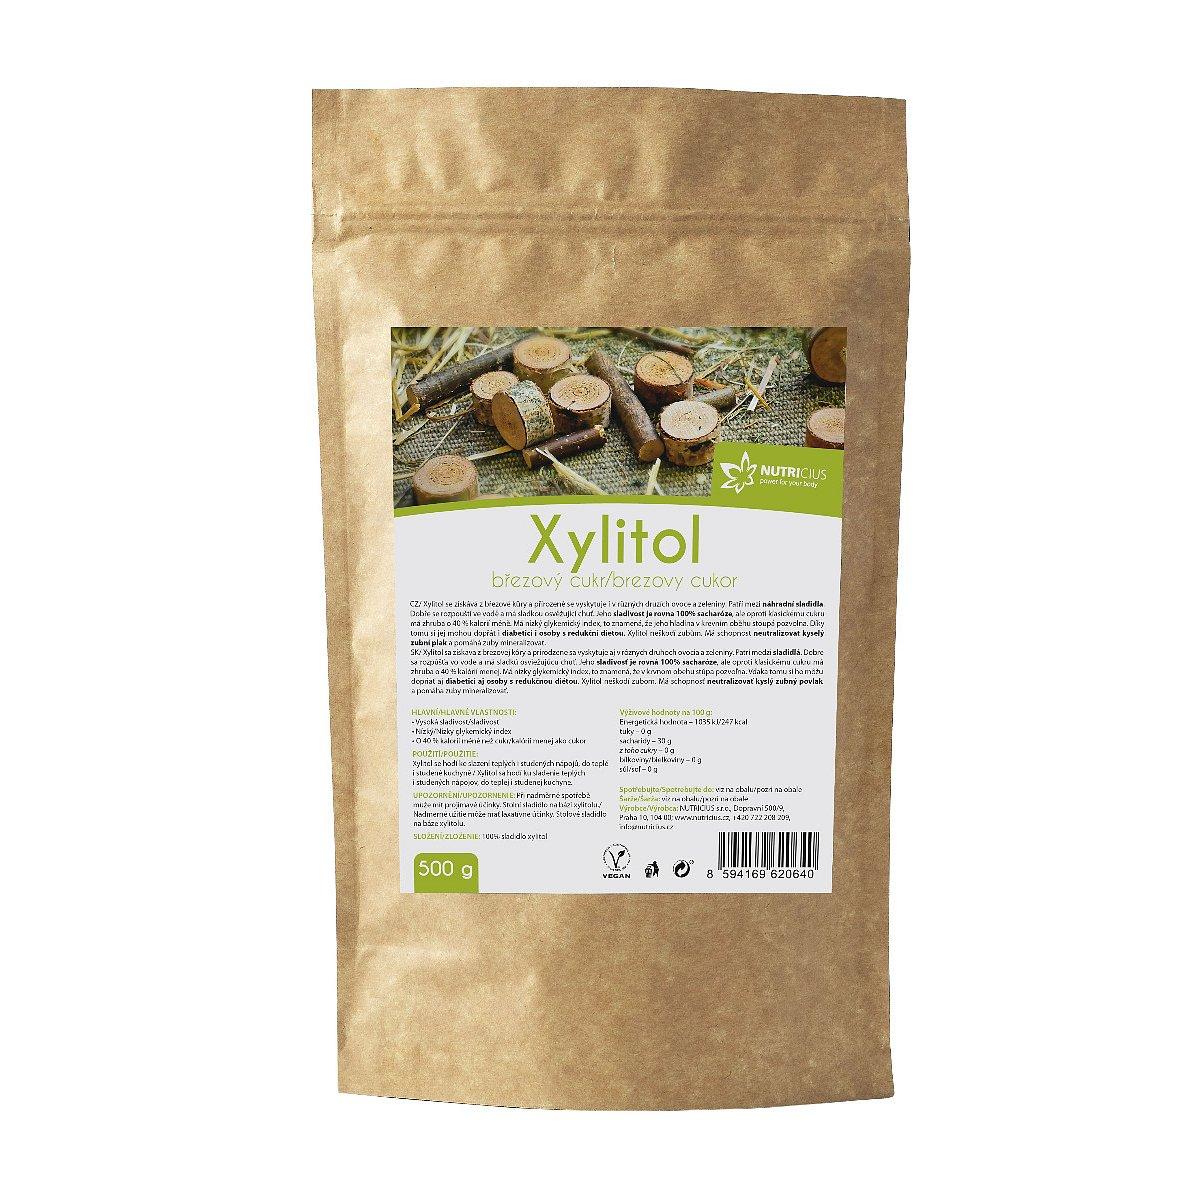 Nutricius Xylitol březový cukr 500 g